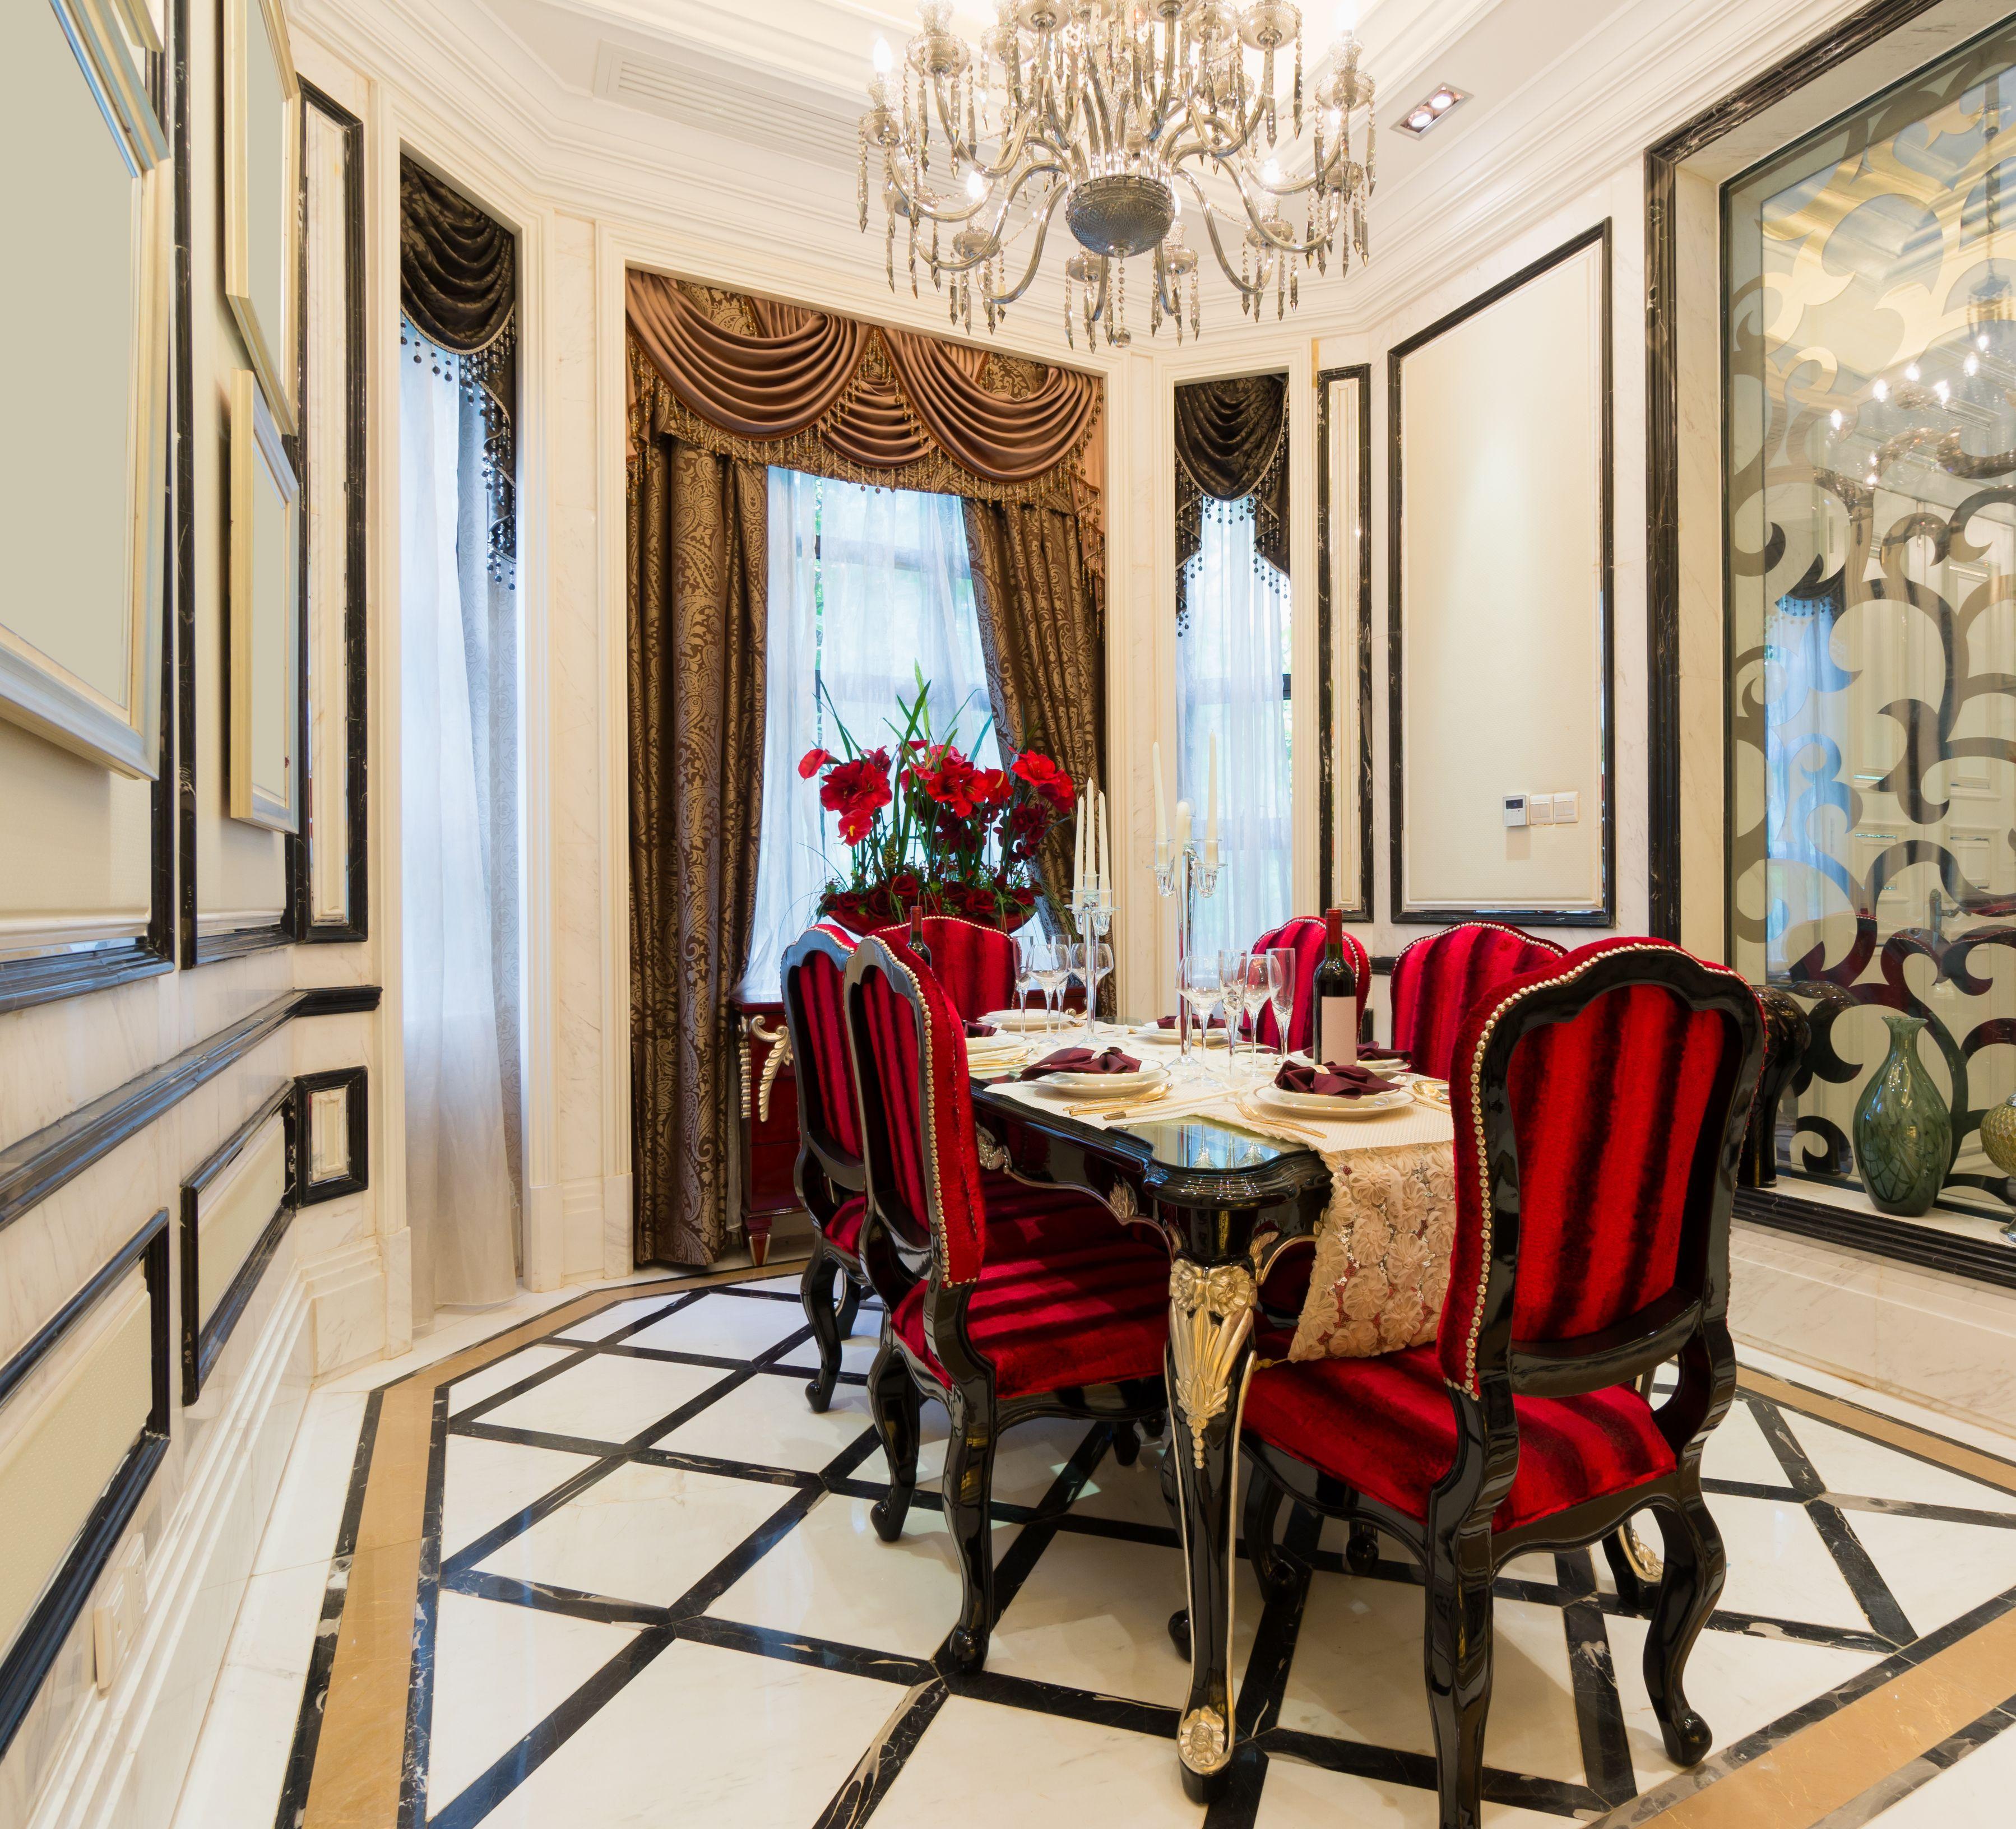 Elegancka Bialo Czarna Jadalnia W Ktorej Elementem Charakterystycznym Sa Czerwone Krzesla Stol Luxury Dining Room Beautiful Dining Rooms Dining Room Design